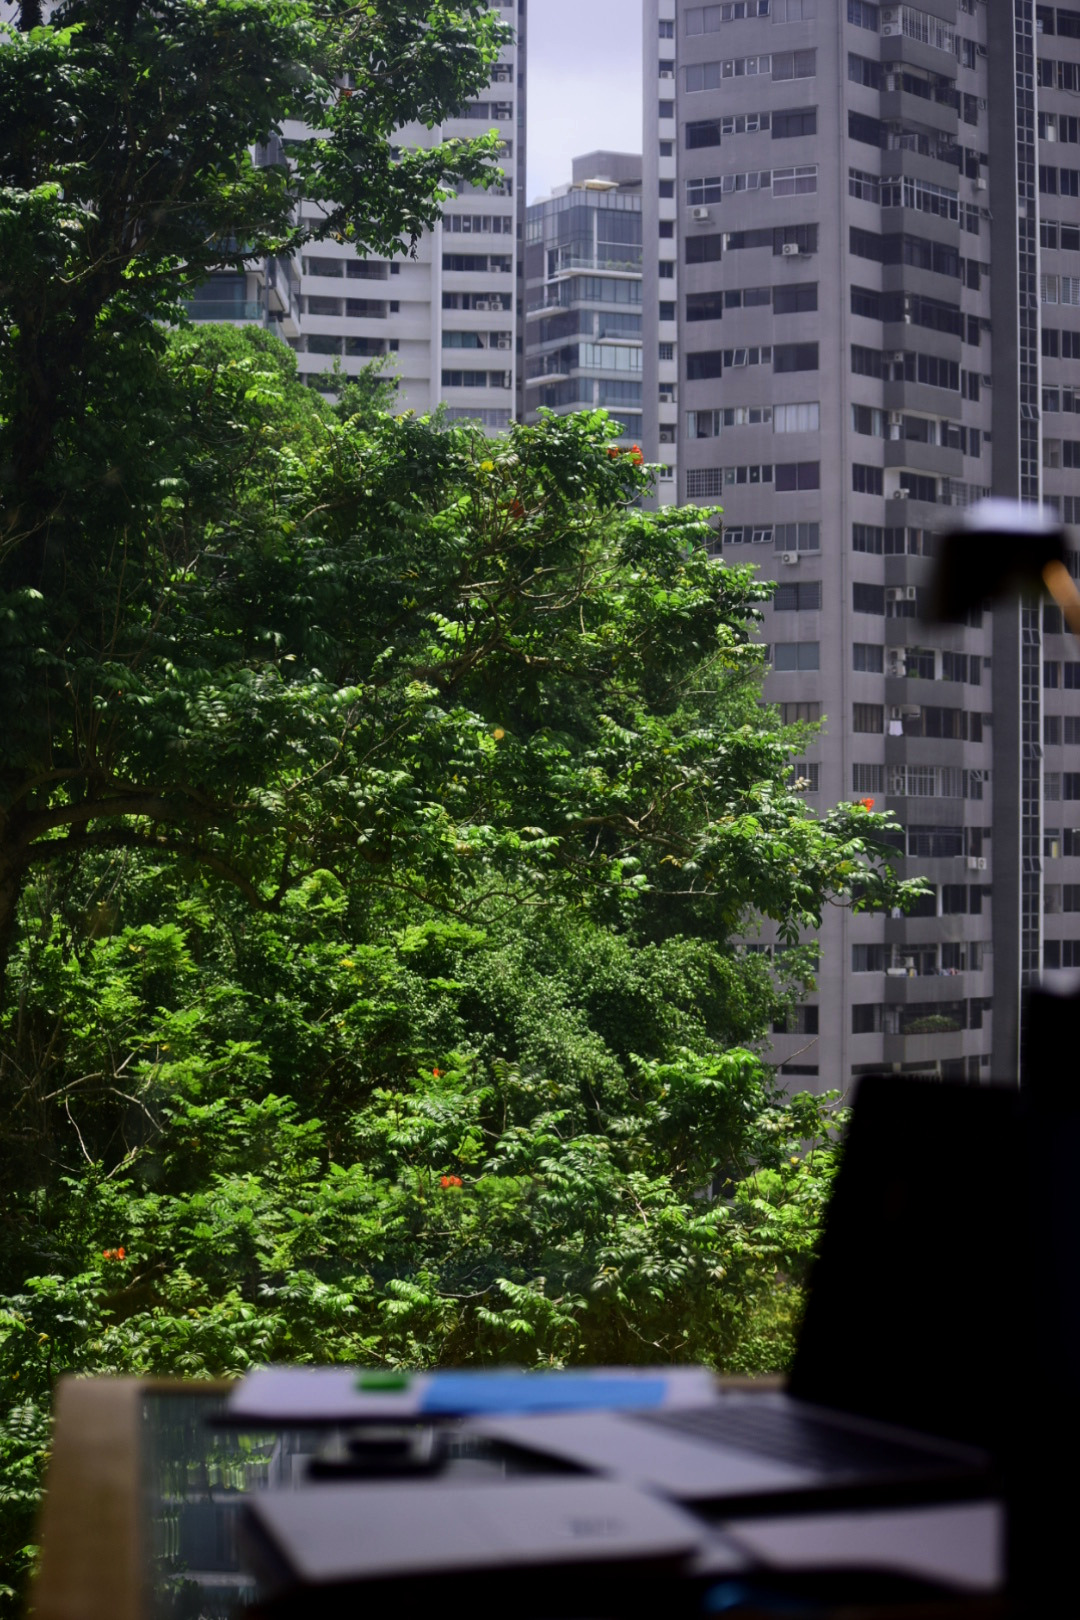 Die Aussicht aus meinem Quarantäne-Hotelzimmer Richtung Natur und Wohnblöcken.